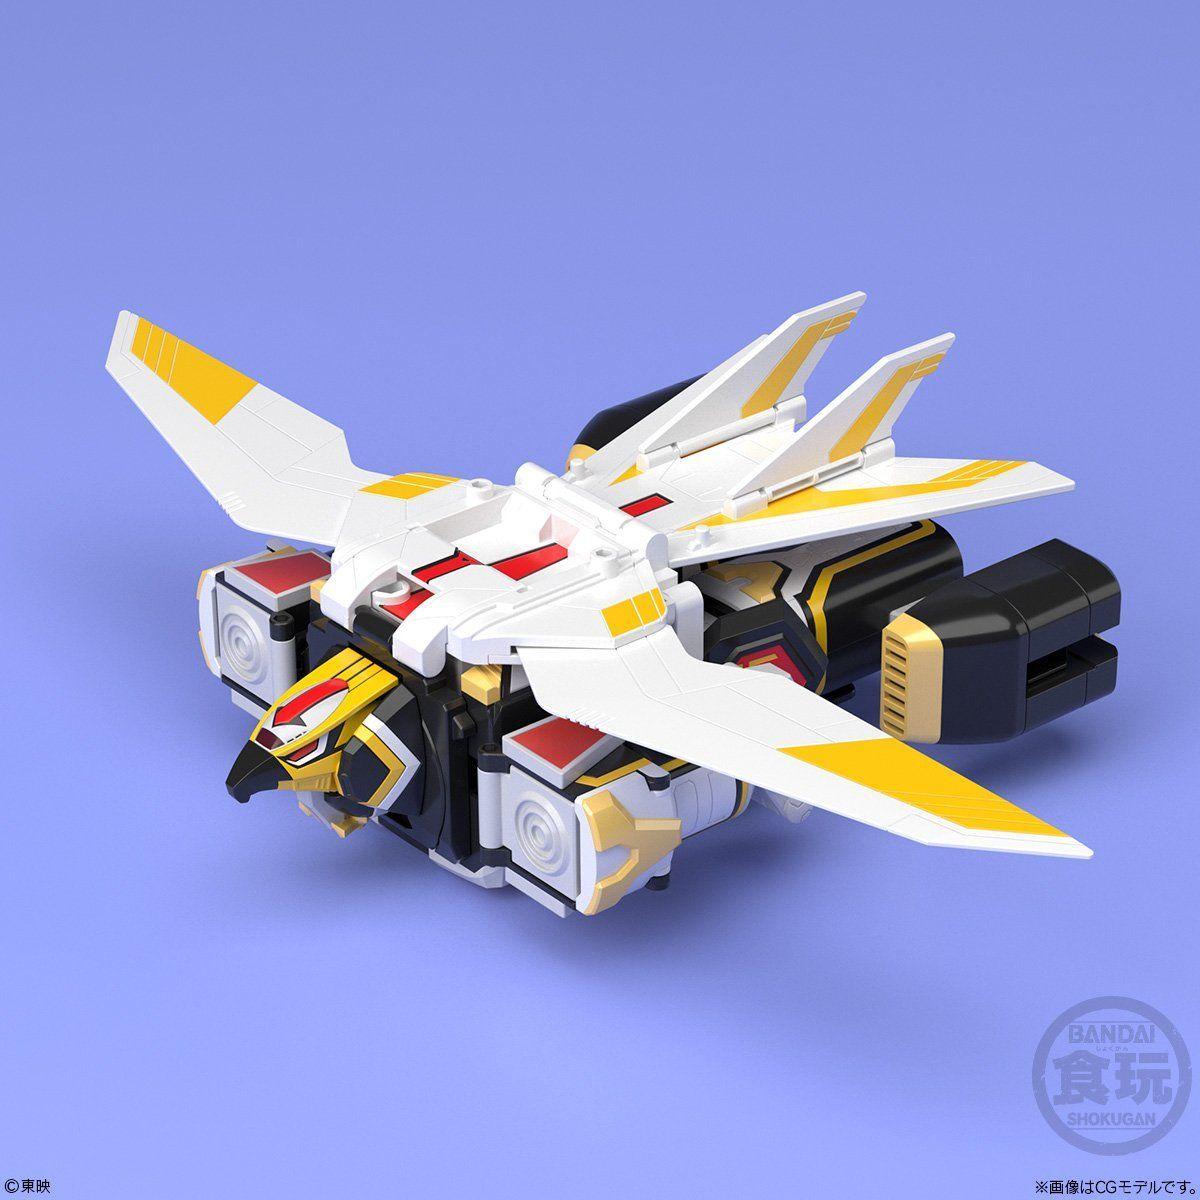 スーパーミニプラ 天空合体 ジェットイカロス_2